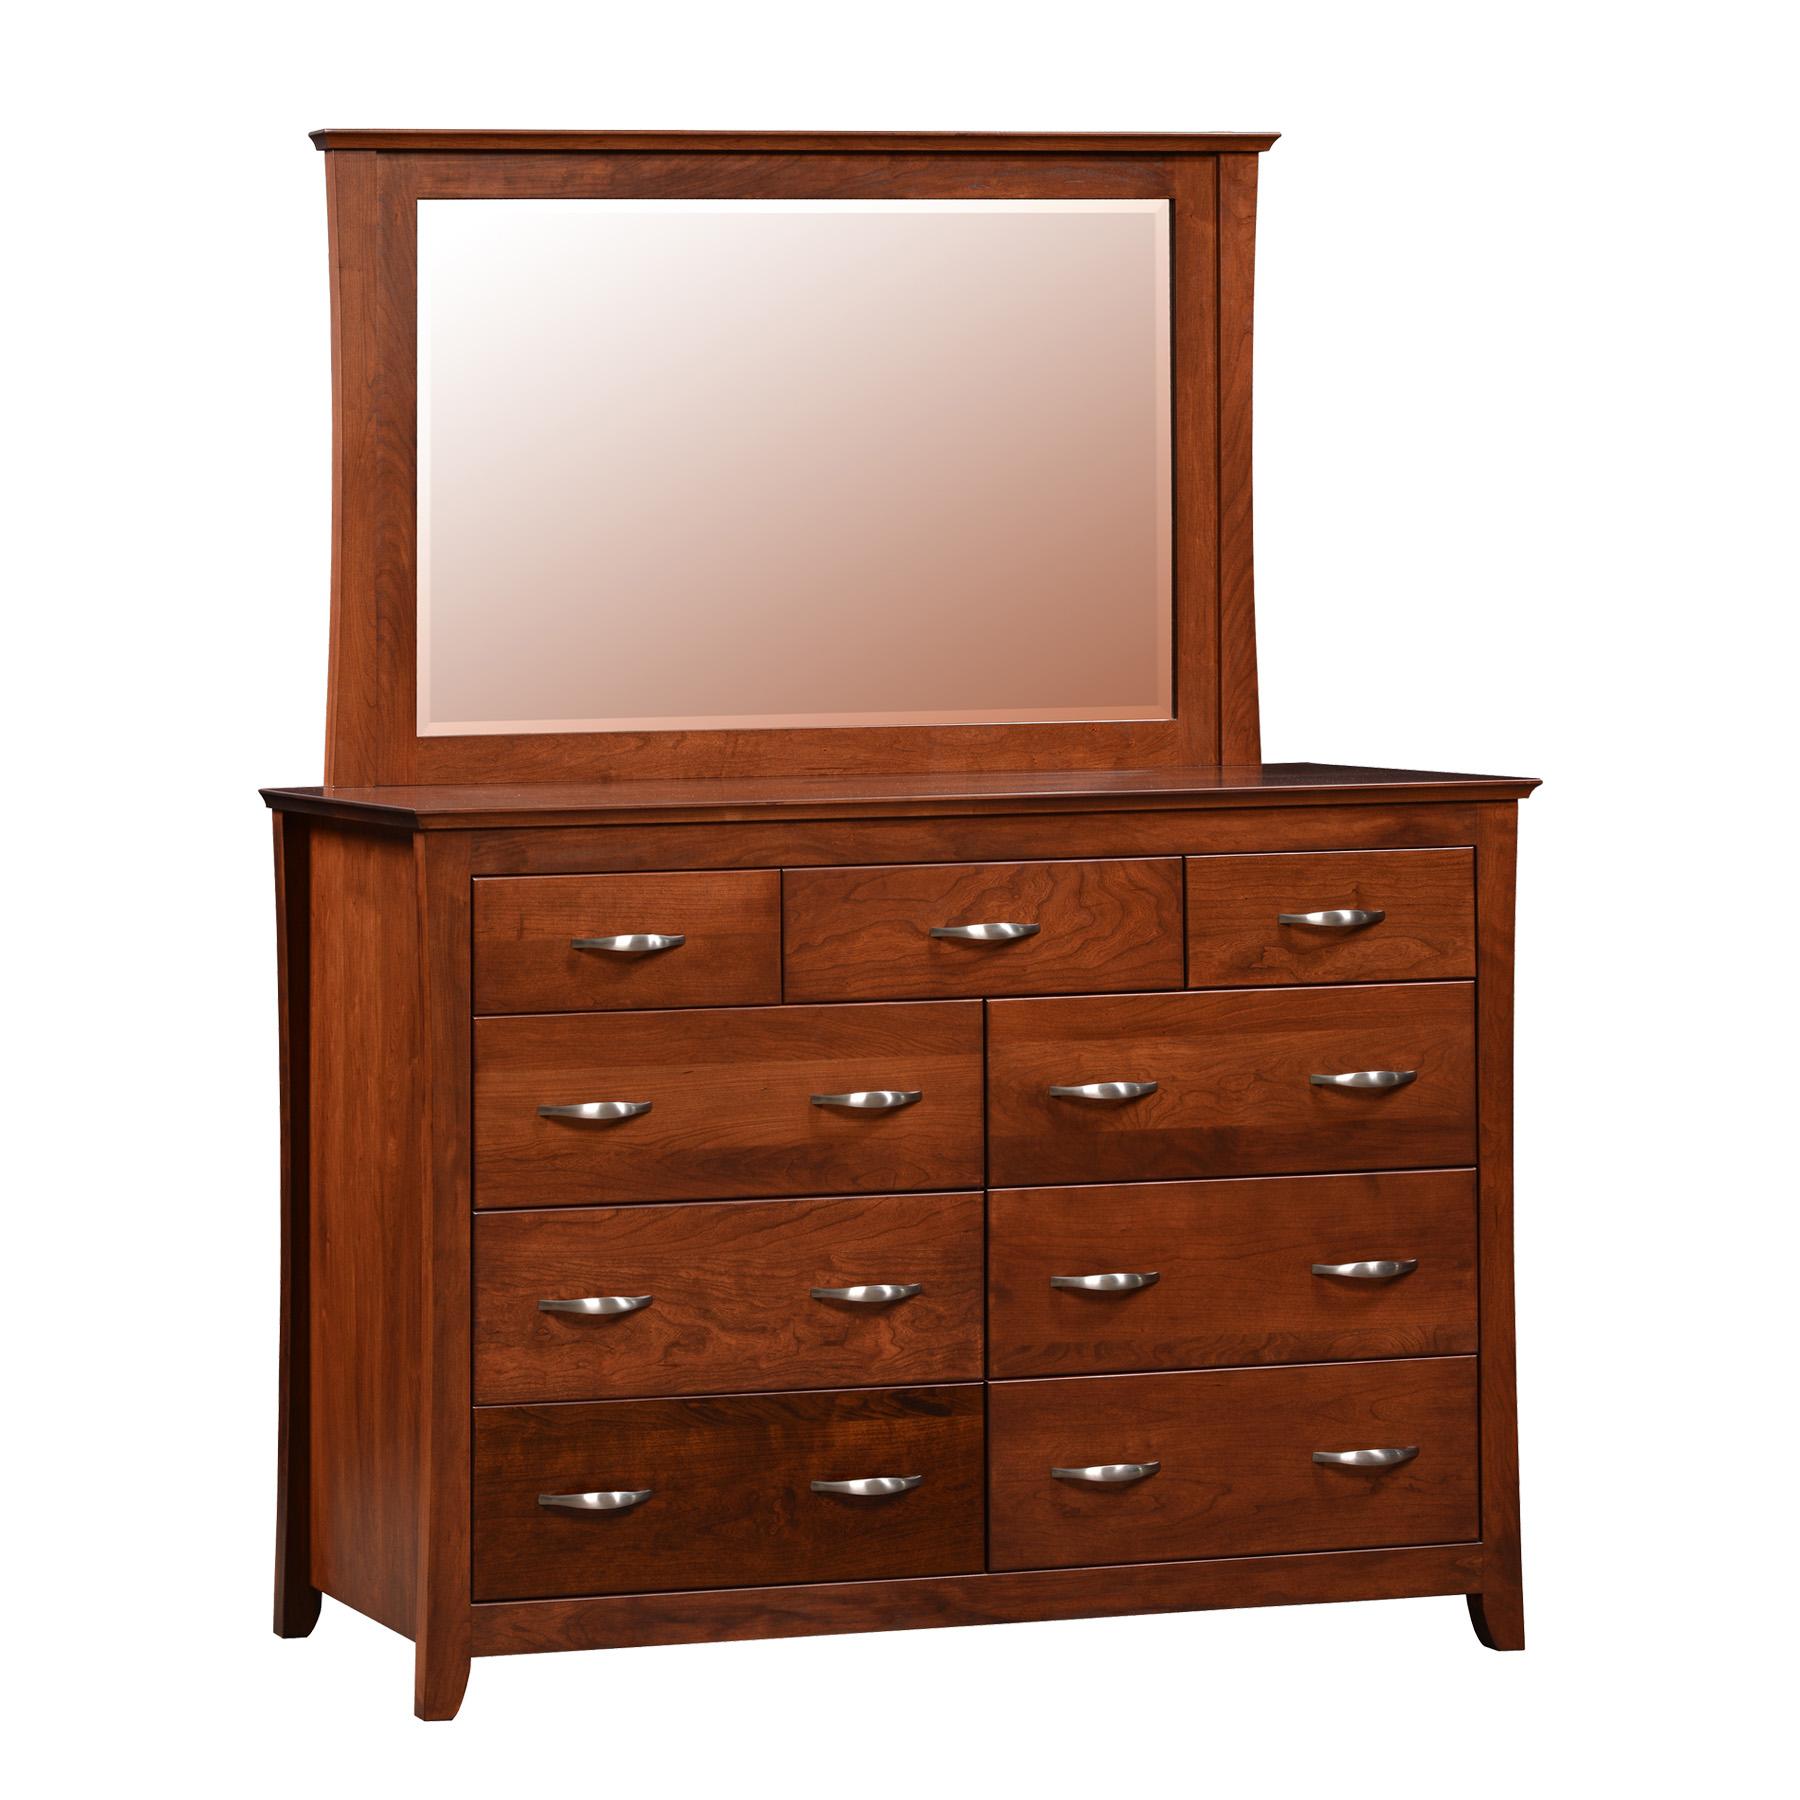 Lexington Double Mule Dresser and Mirror